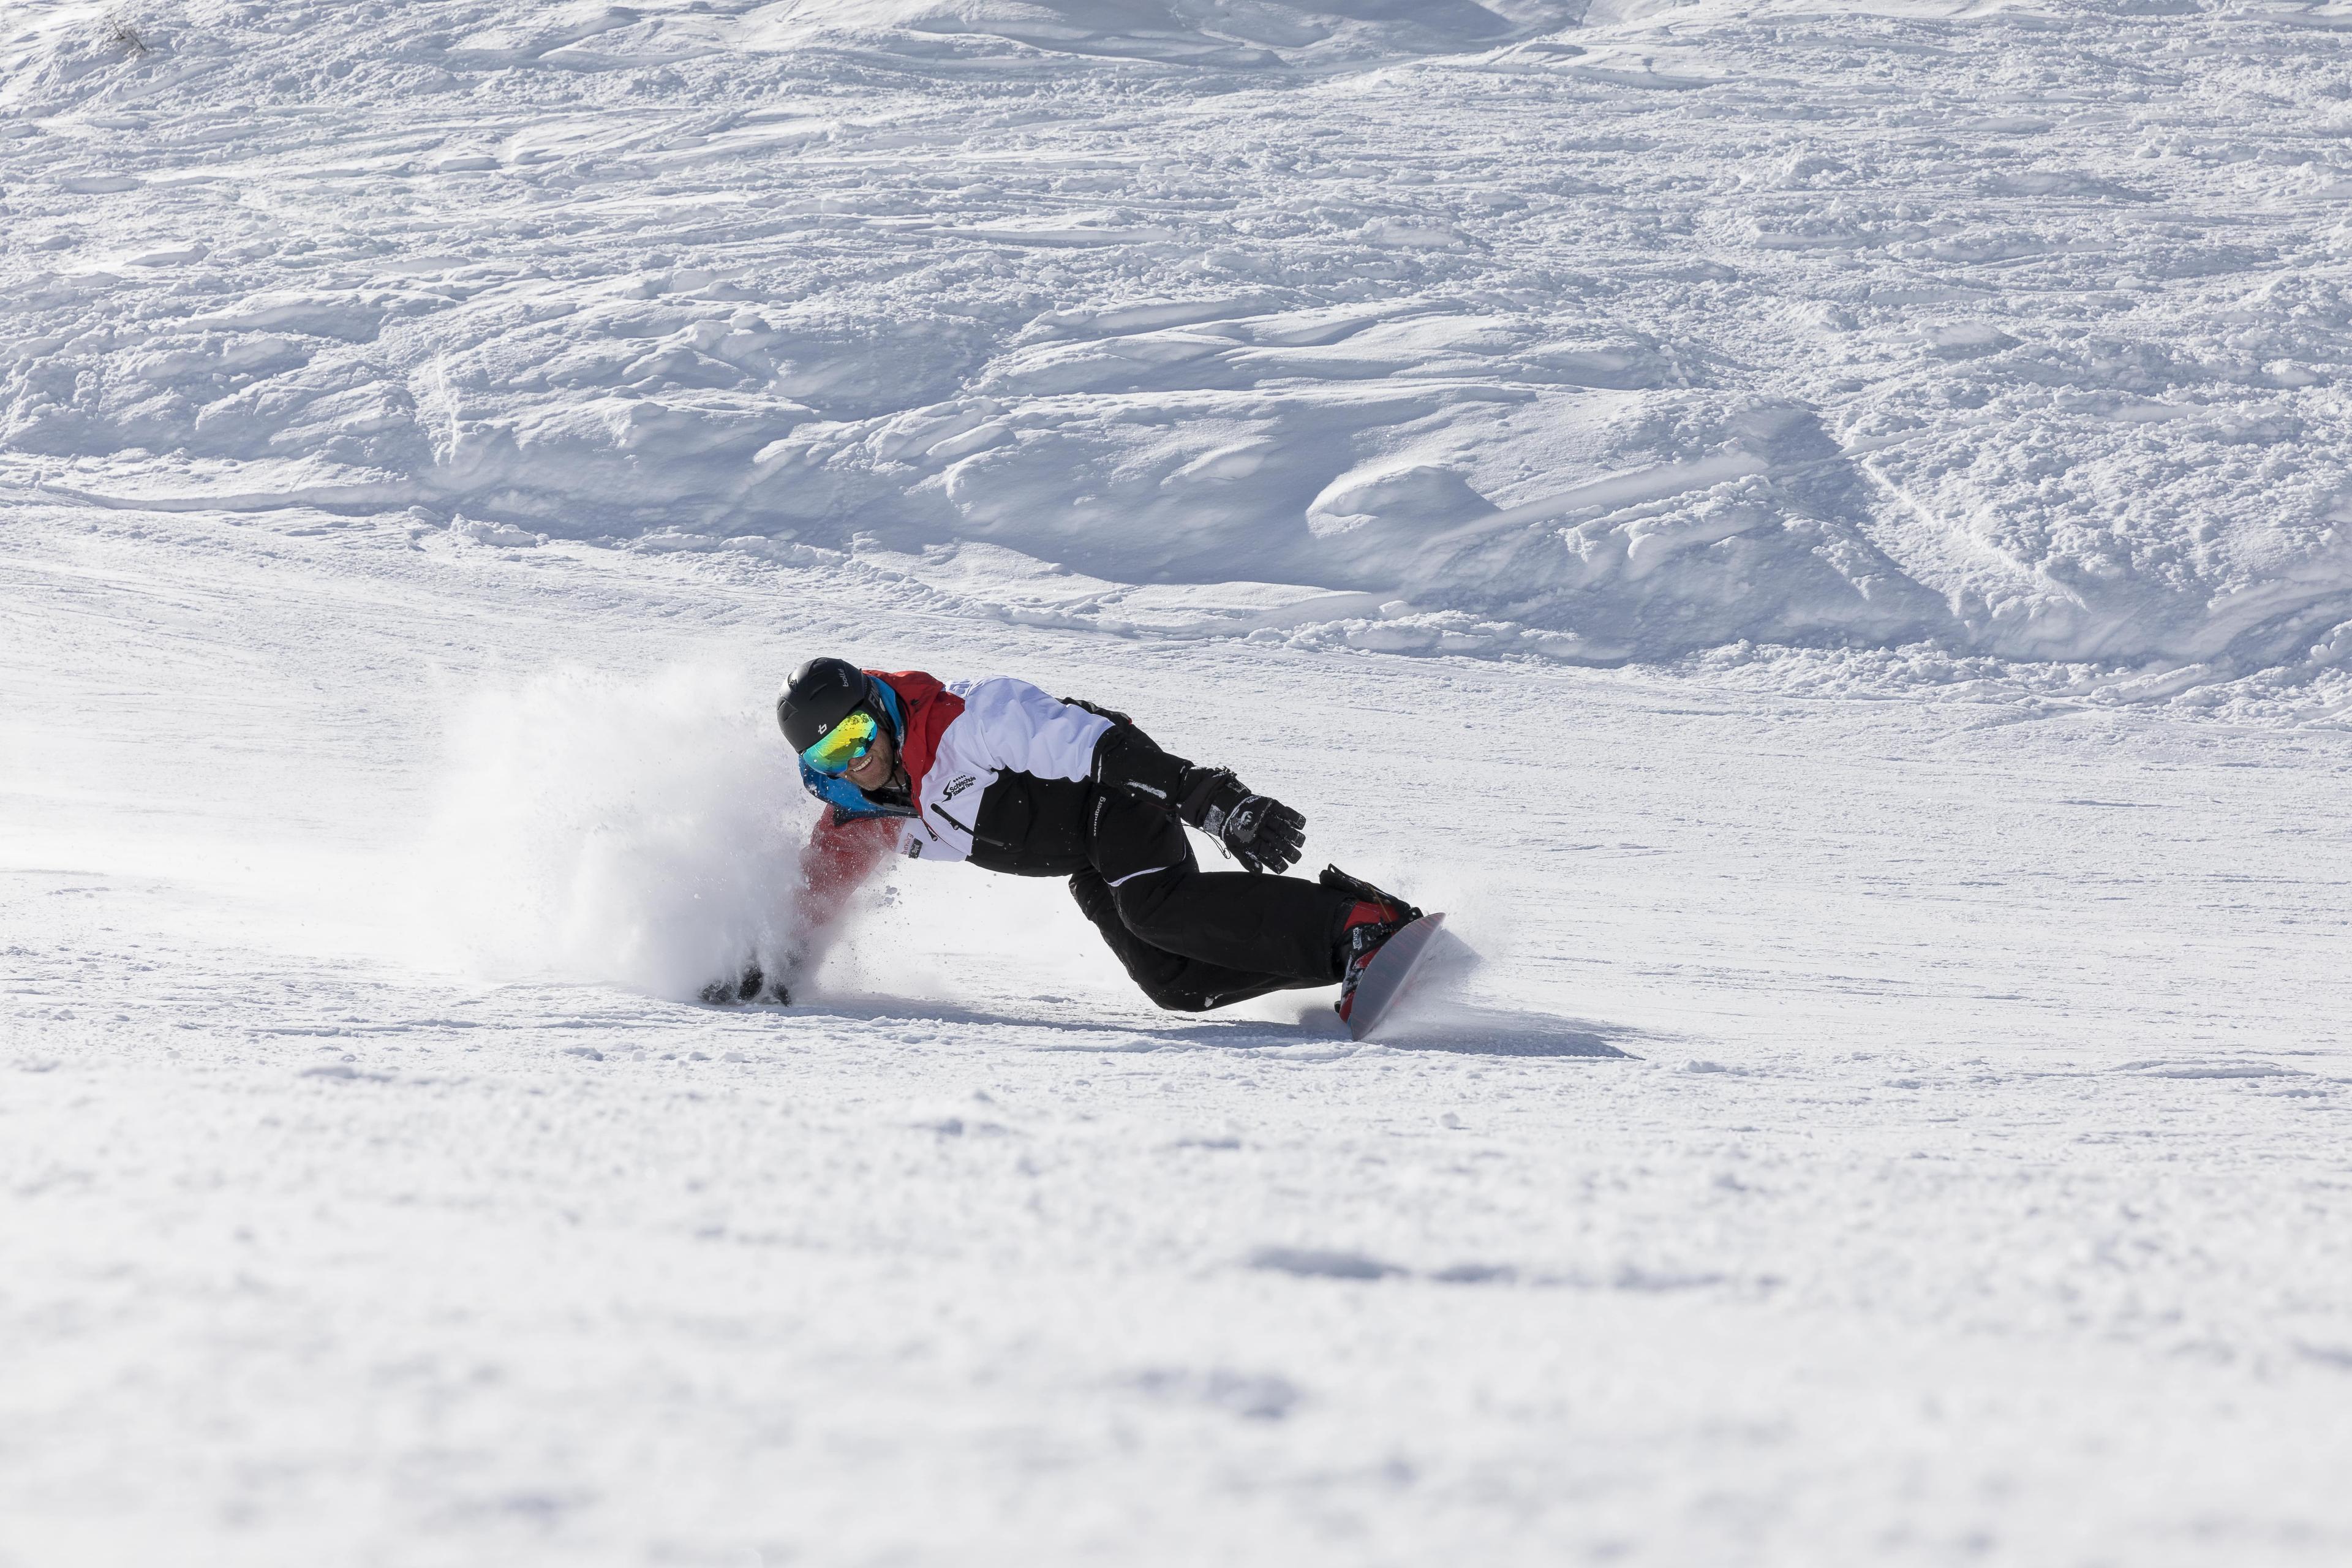 Snowboard - Private session